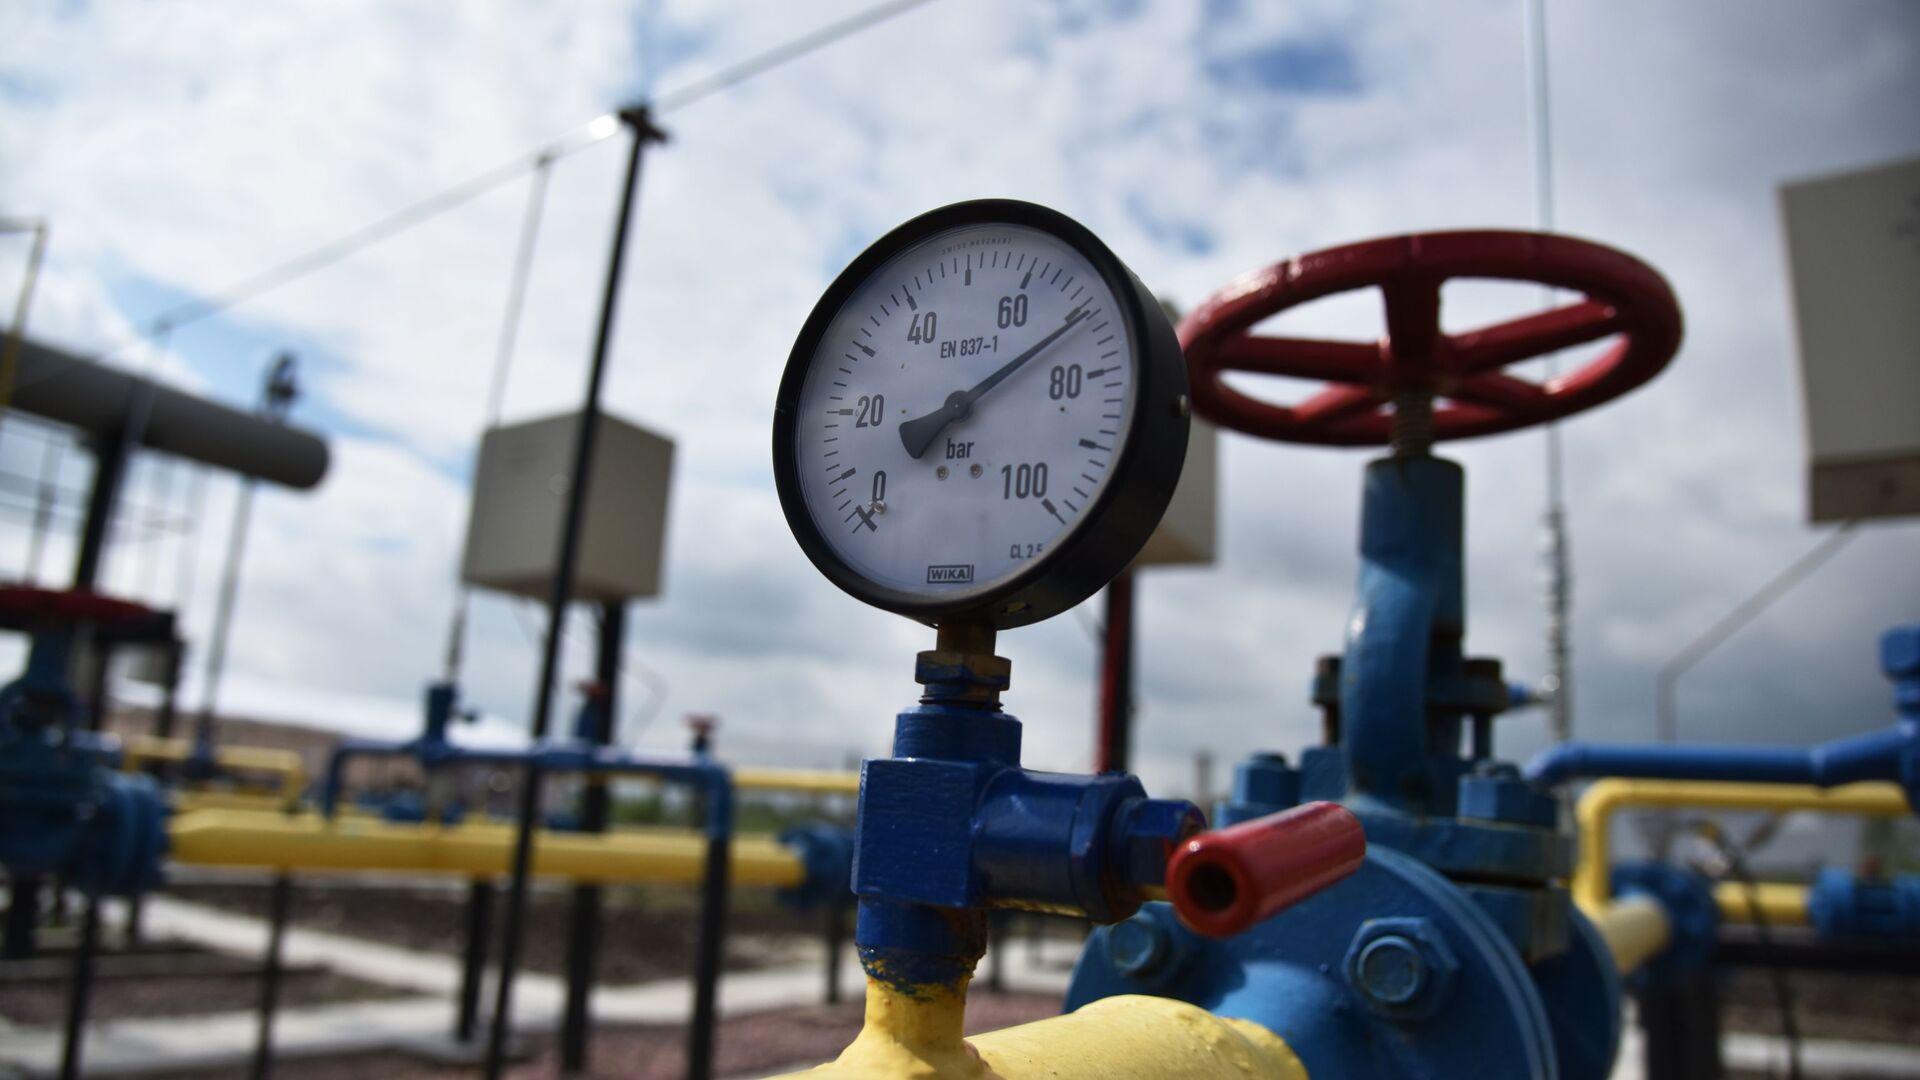 Ukraina obawia się wzrostu cen gazu po oddaniu do eksploatacji gazociągu Nord Stream 2. - Sputnik Polska, 1920, 16.06.2021